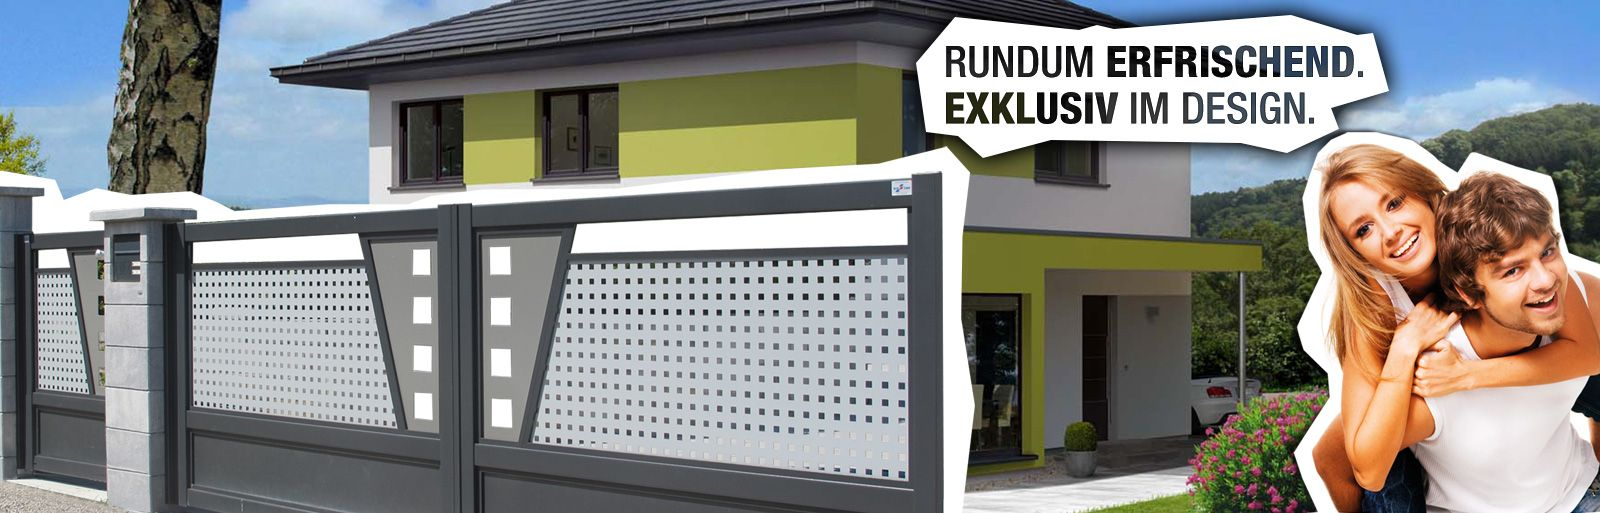 Rundum Erfrischend Exclusiv im Design DE